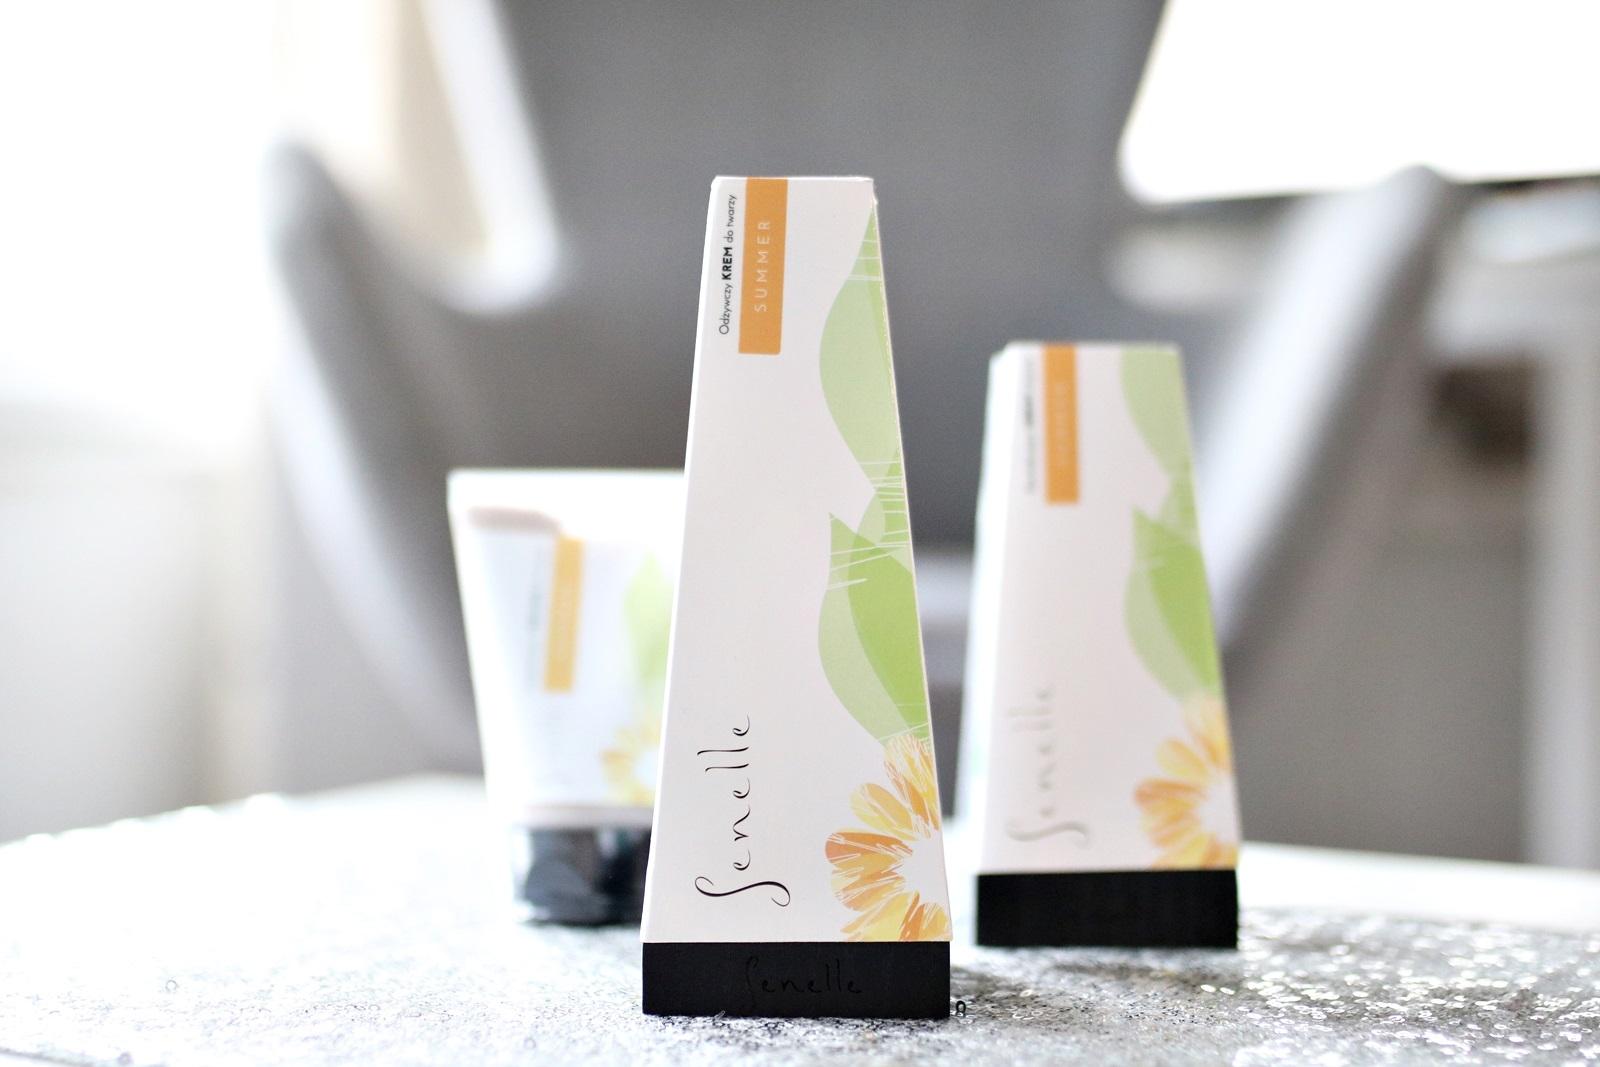 kosmetyki naturalne Senelle - odżywczy krem do twarzy